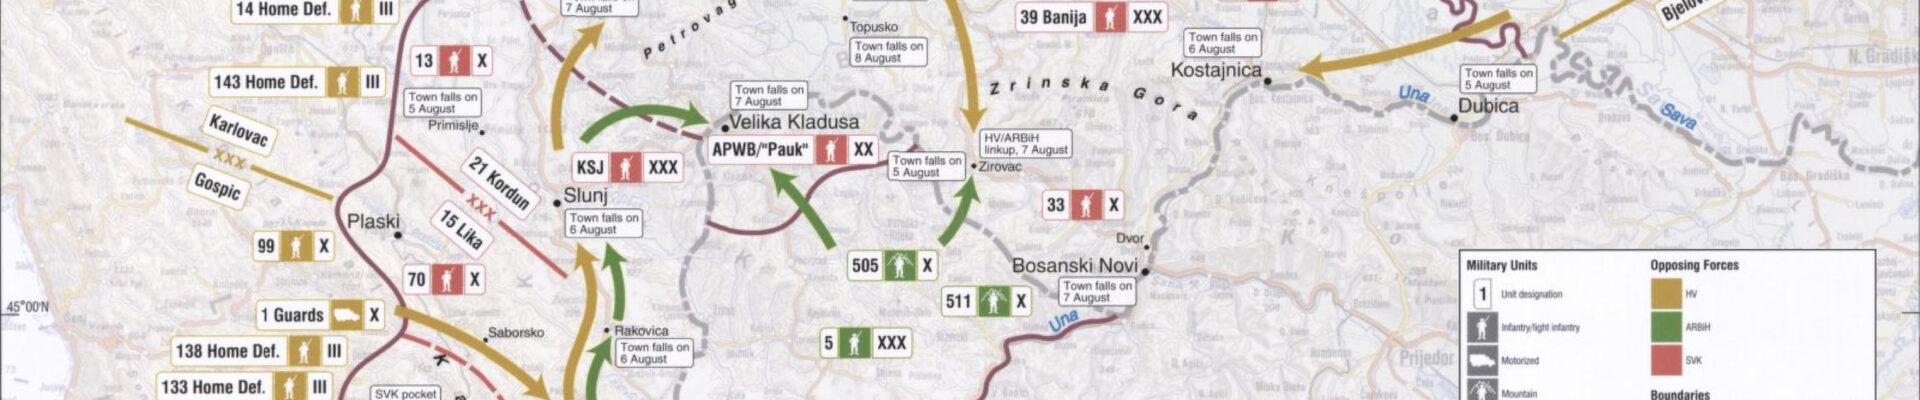 Balkan War/Croatia War/Map of Operation Storm